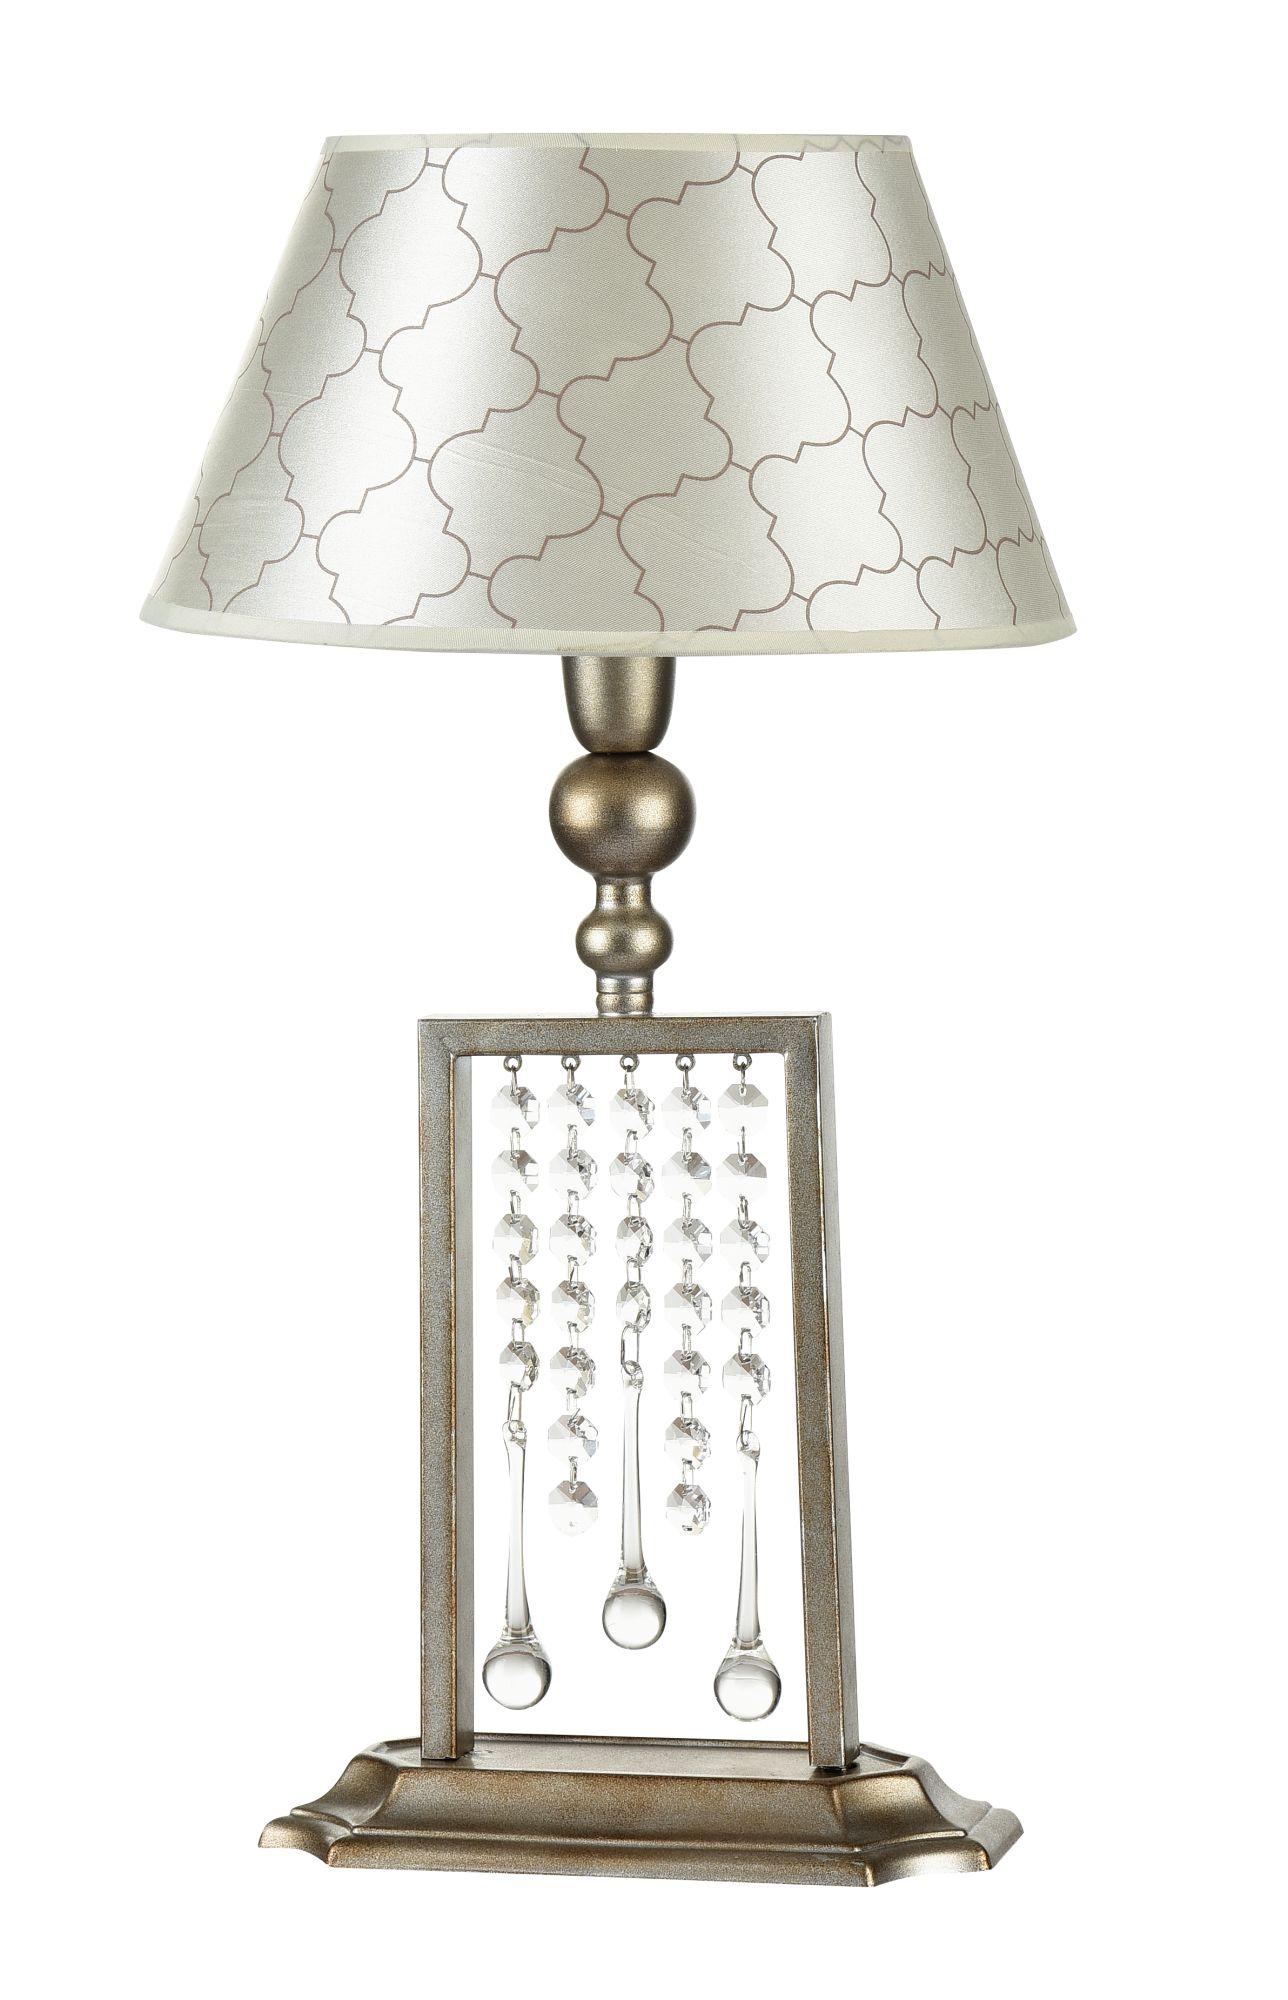 Фото - Настольная лампа Maytoni H018-TL-01-NG Серебро Антик 1хE14х40W бра maytoni h018 wl 01 ng